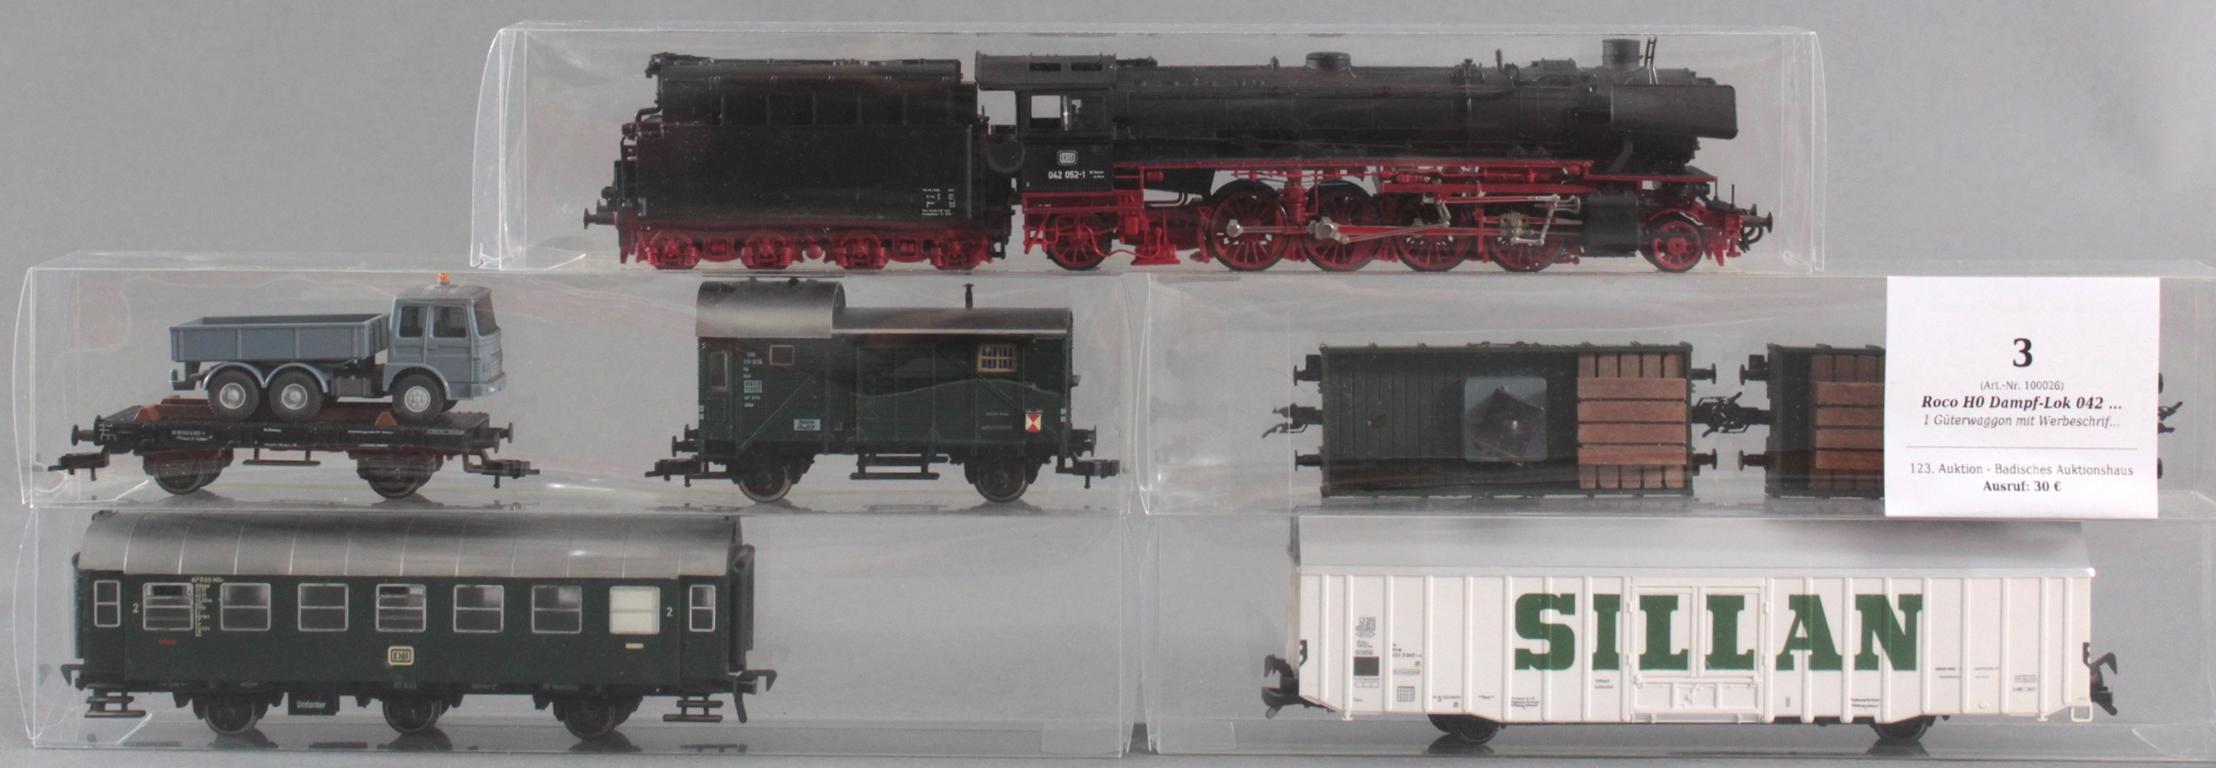 Roco H0 Dampf-Lok 042 052-1 mit 6 Fleischmann Waggons